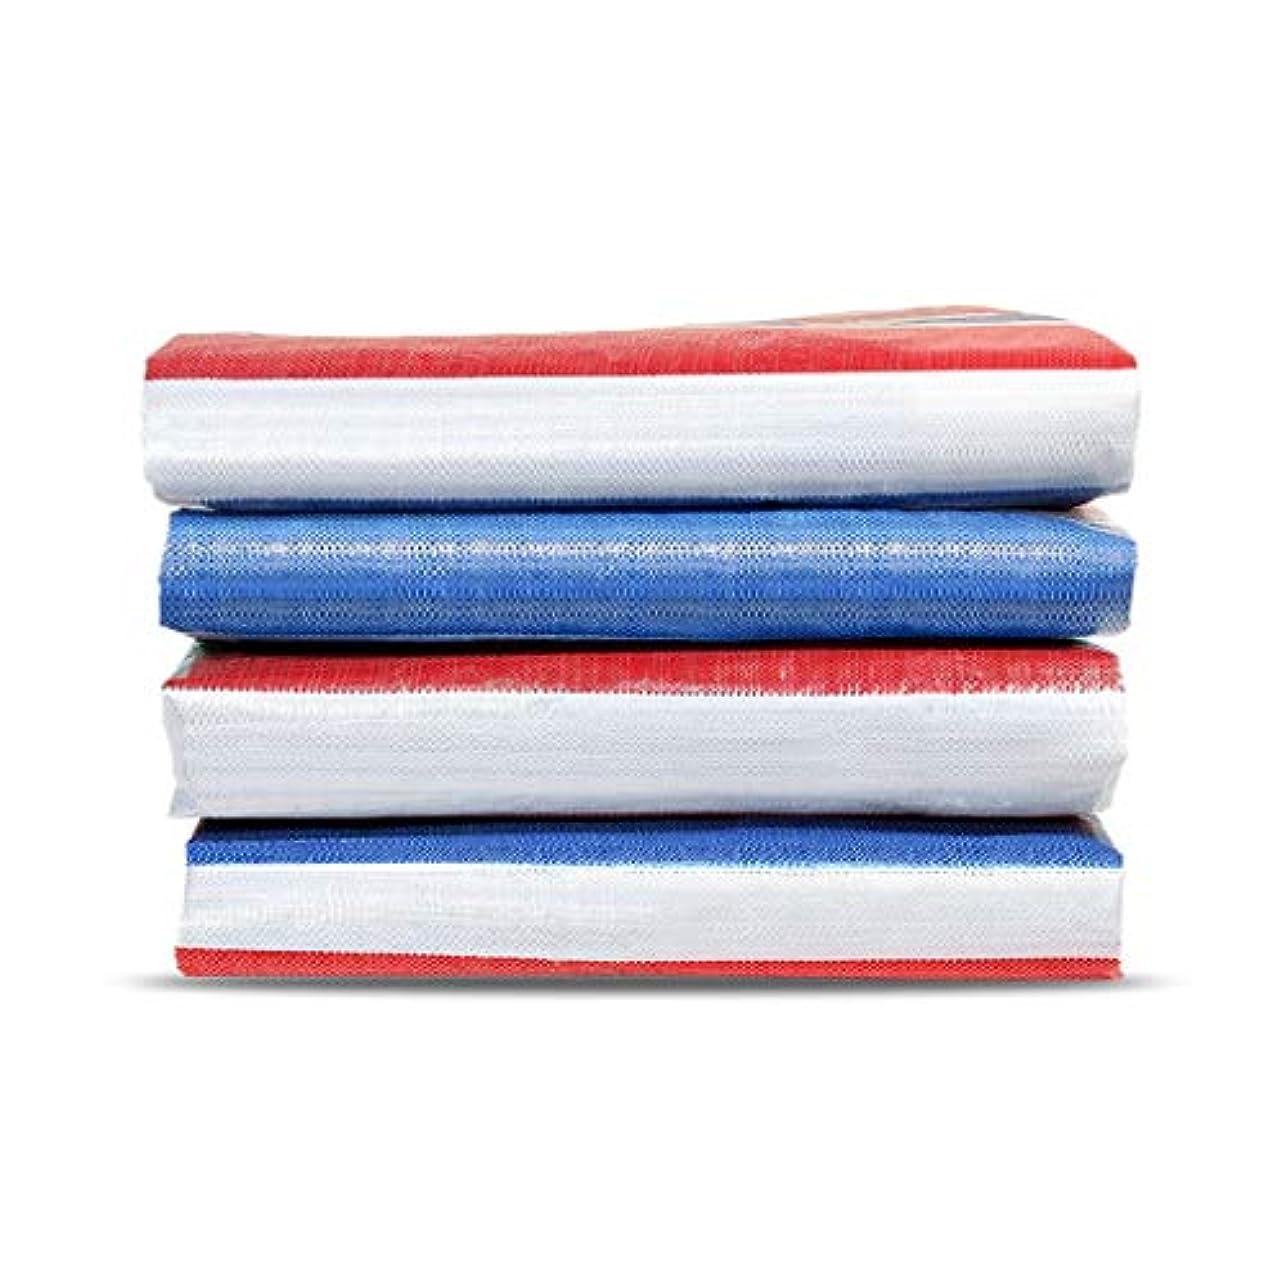 メンバー世論調査どうしたのバイザー布3色ストリップ屋外増粘防水防水日焼け止め防水シート雨シェードキャンバス (Size : 3*10m)